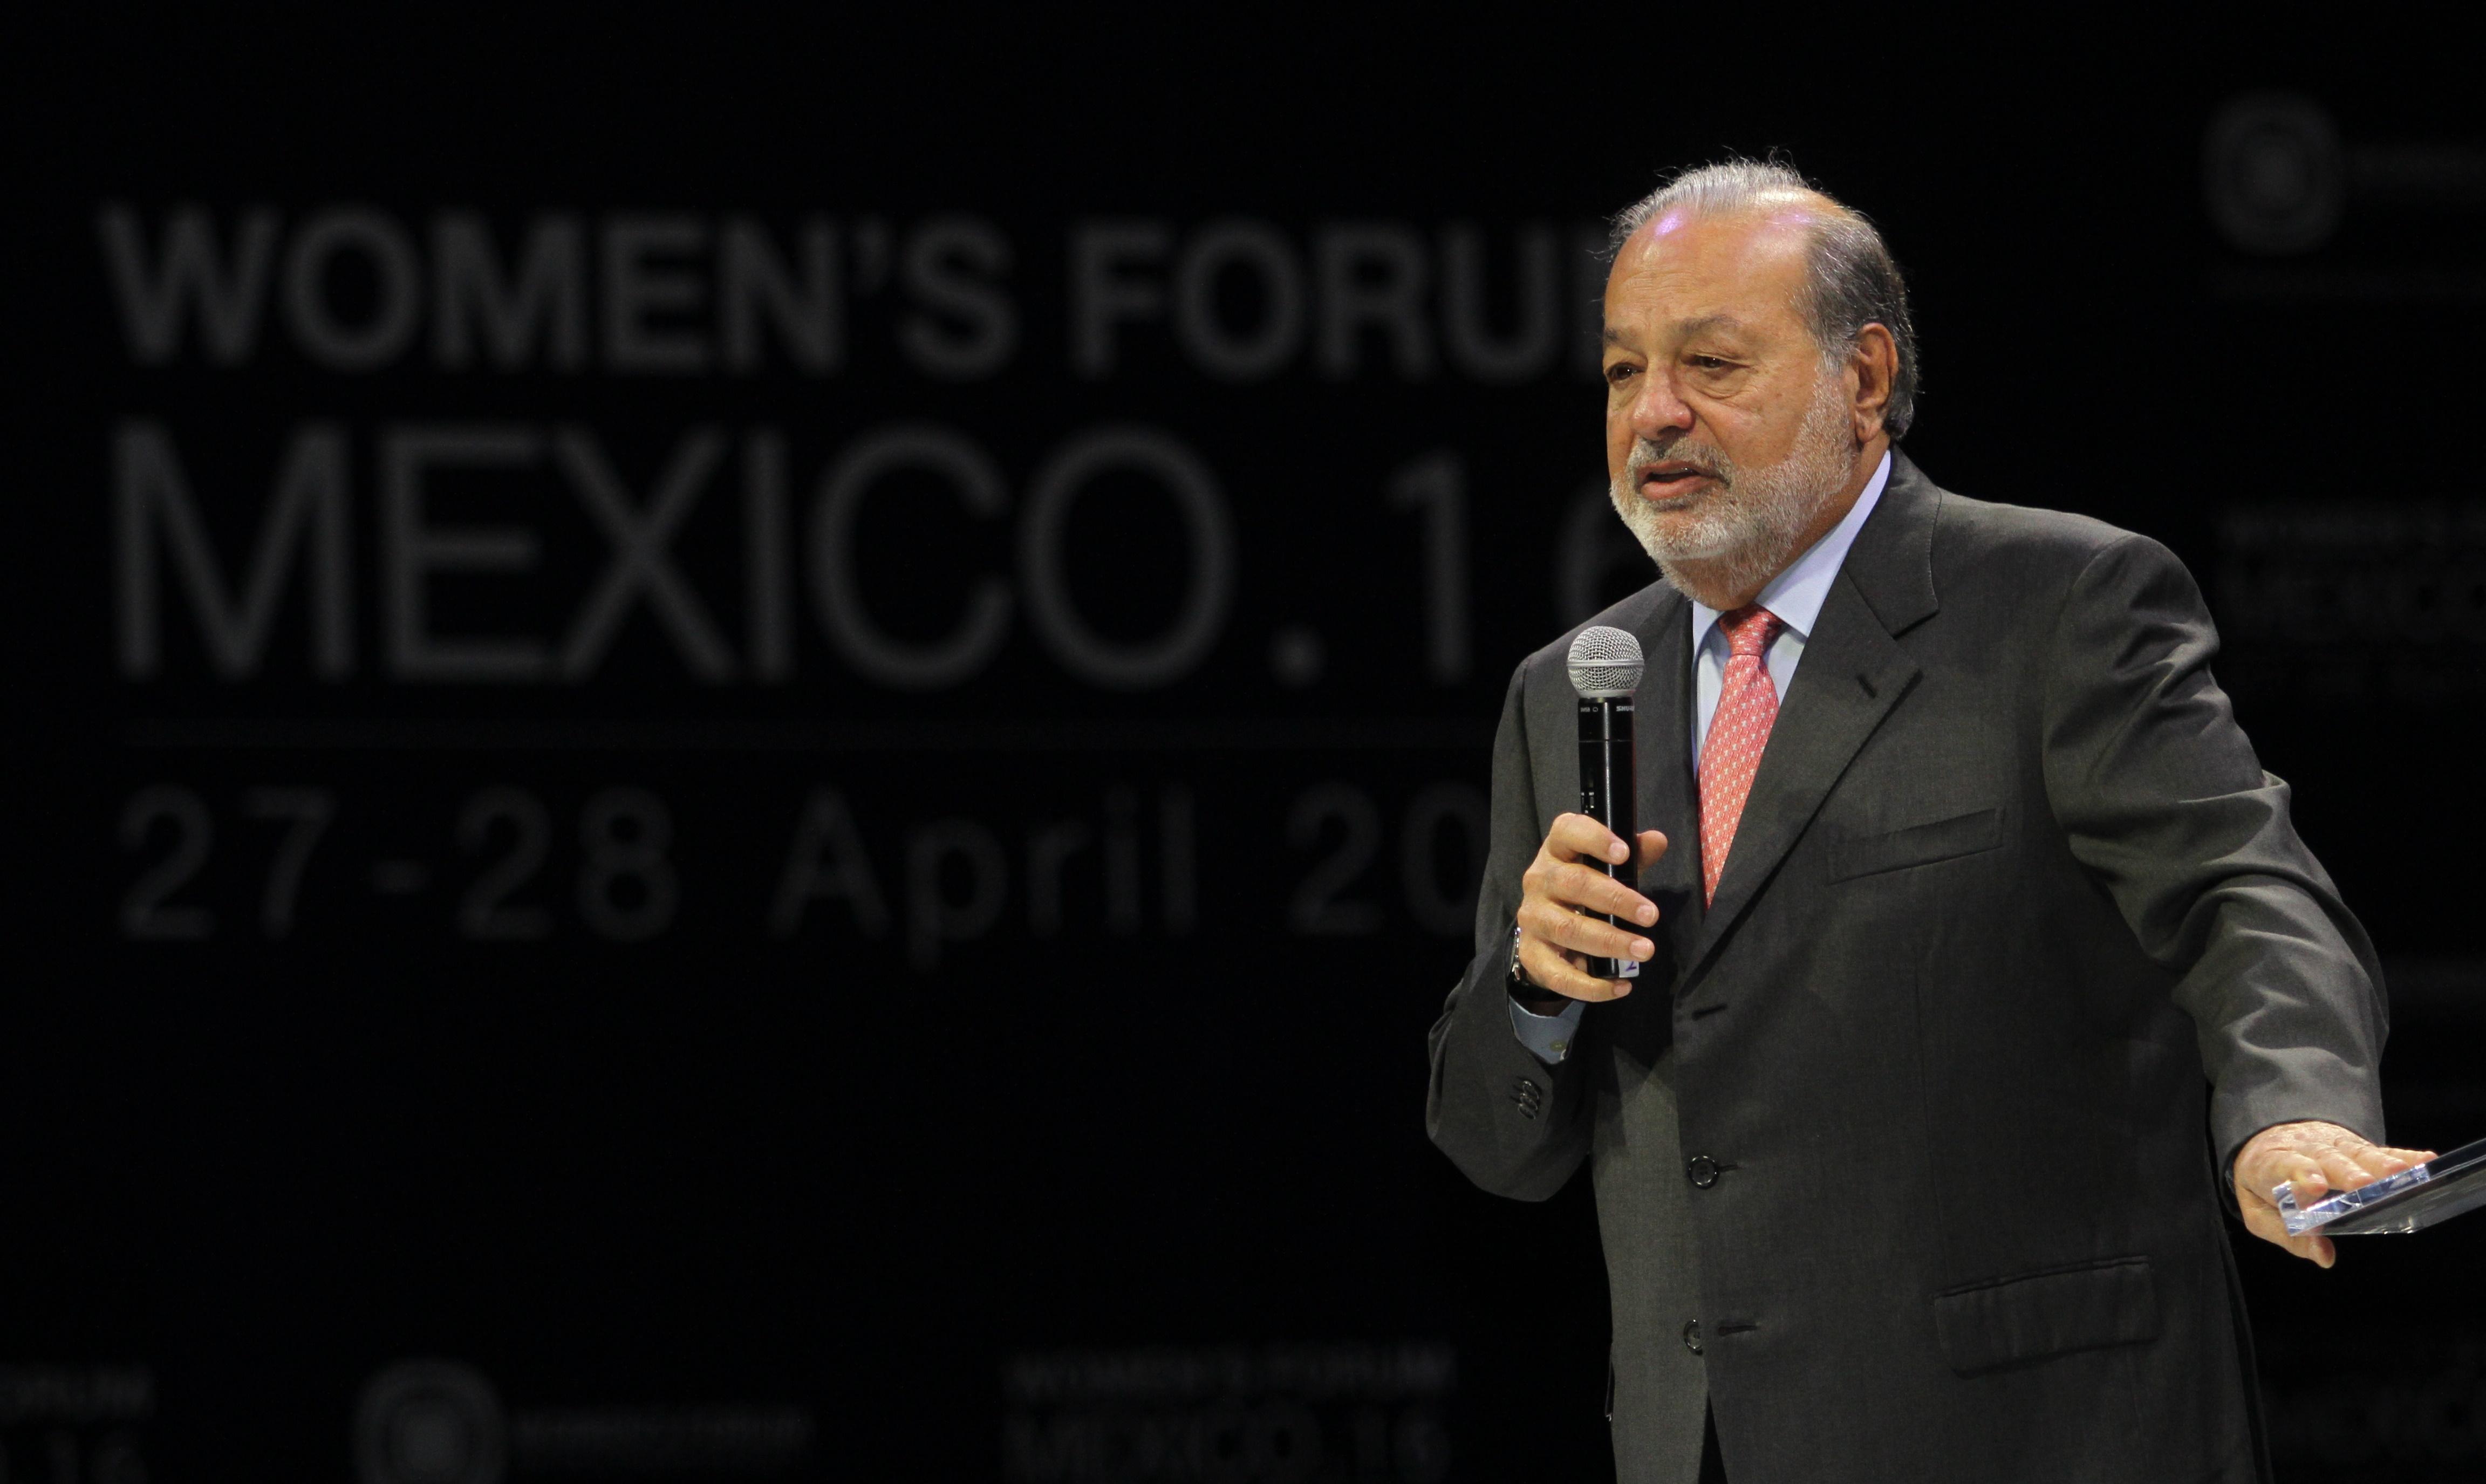 MEXICO-SLIM-WOMEN'S FORUM